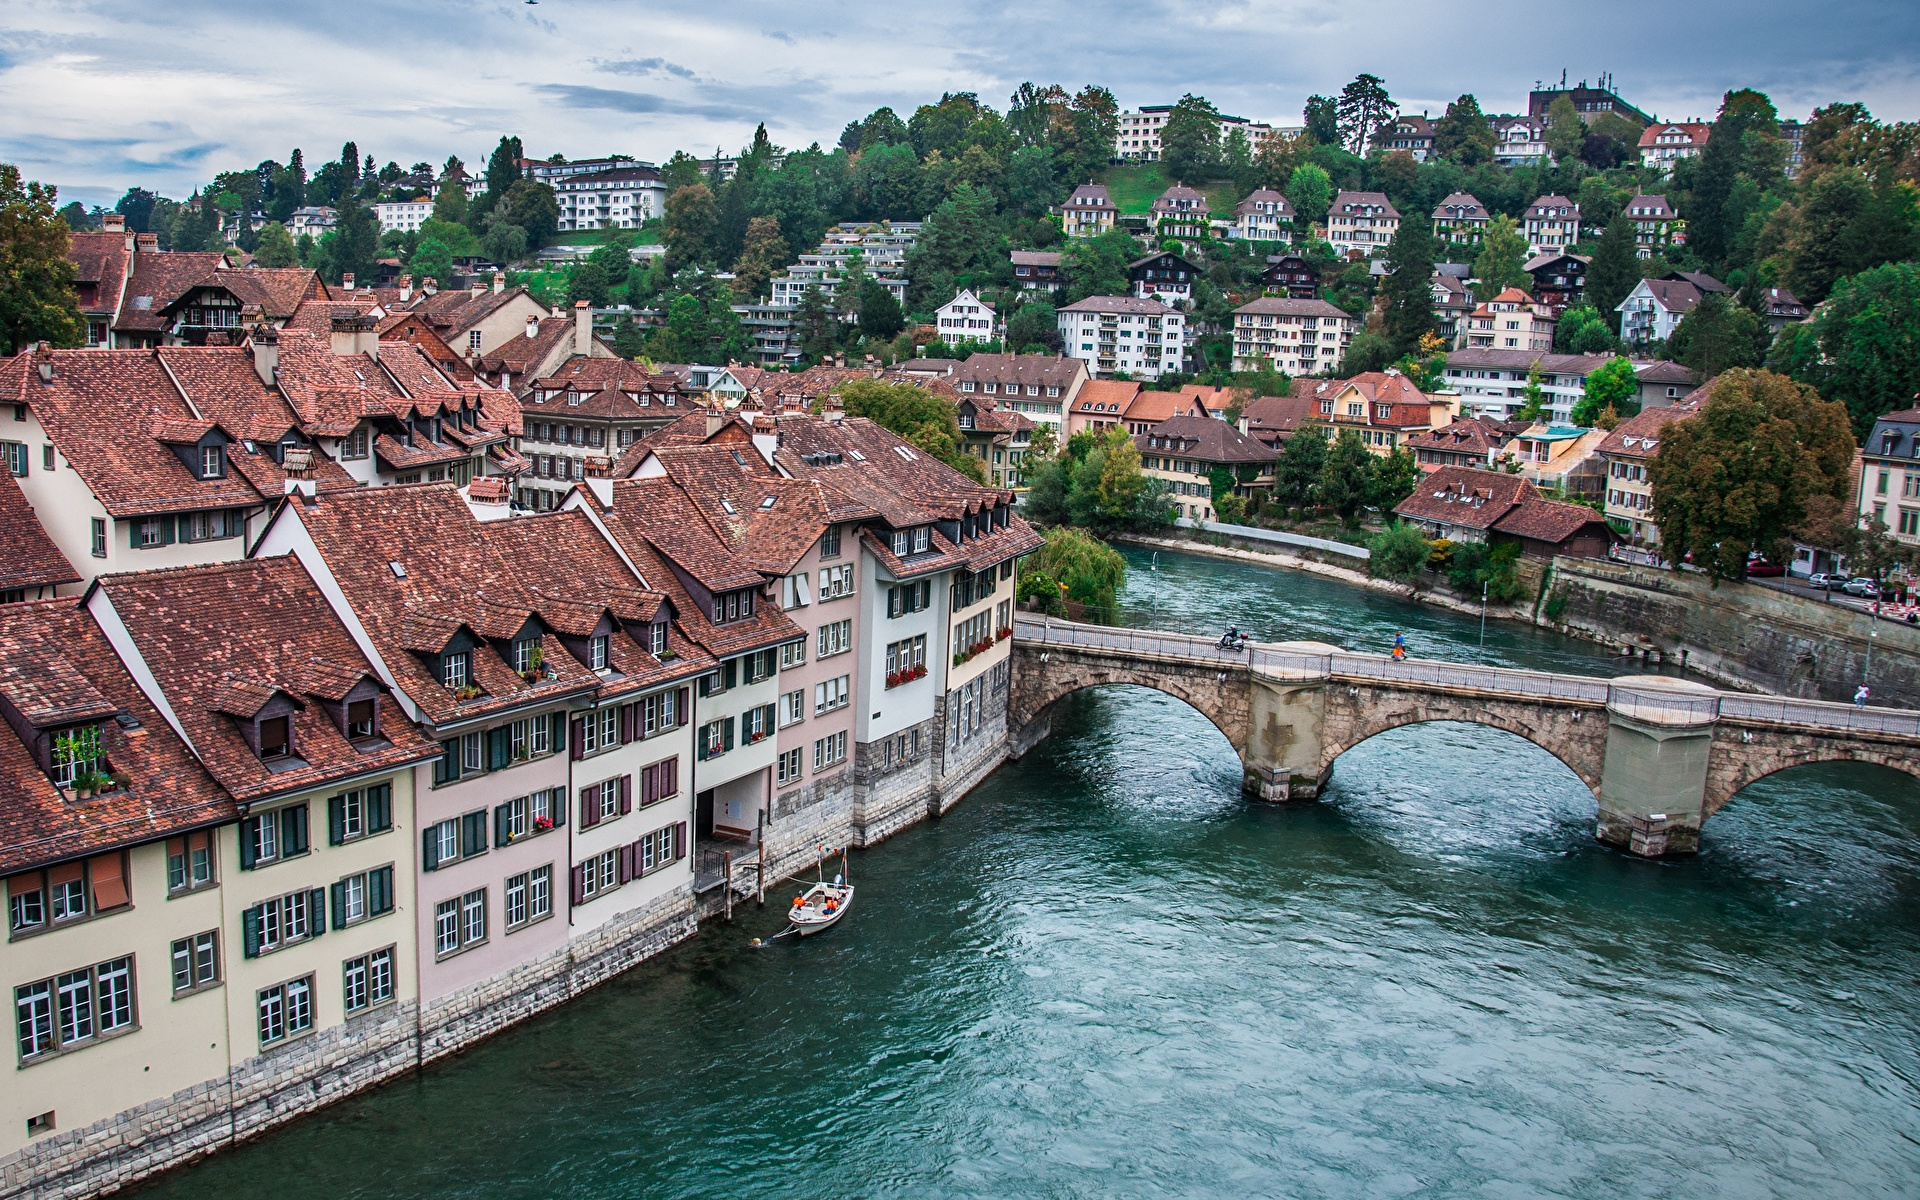 Фотографии Берн Швейцария river Aare Мосты речка Города Здания 1920x1200 мост река Реки Дома город